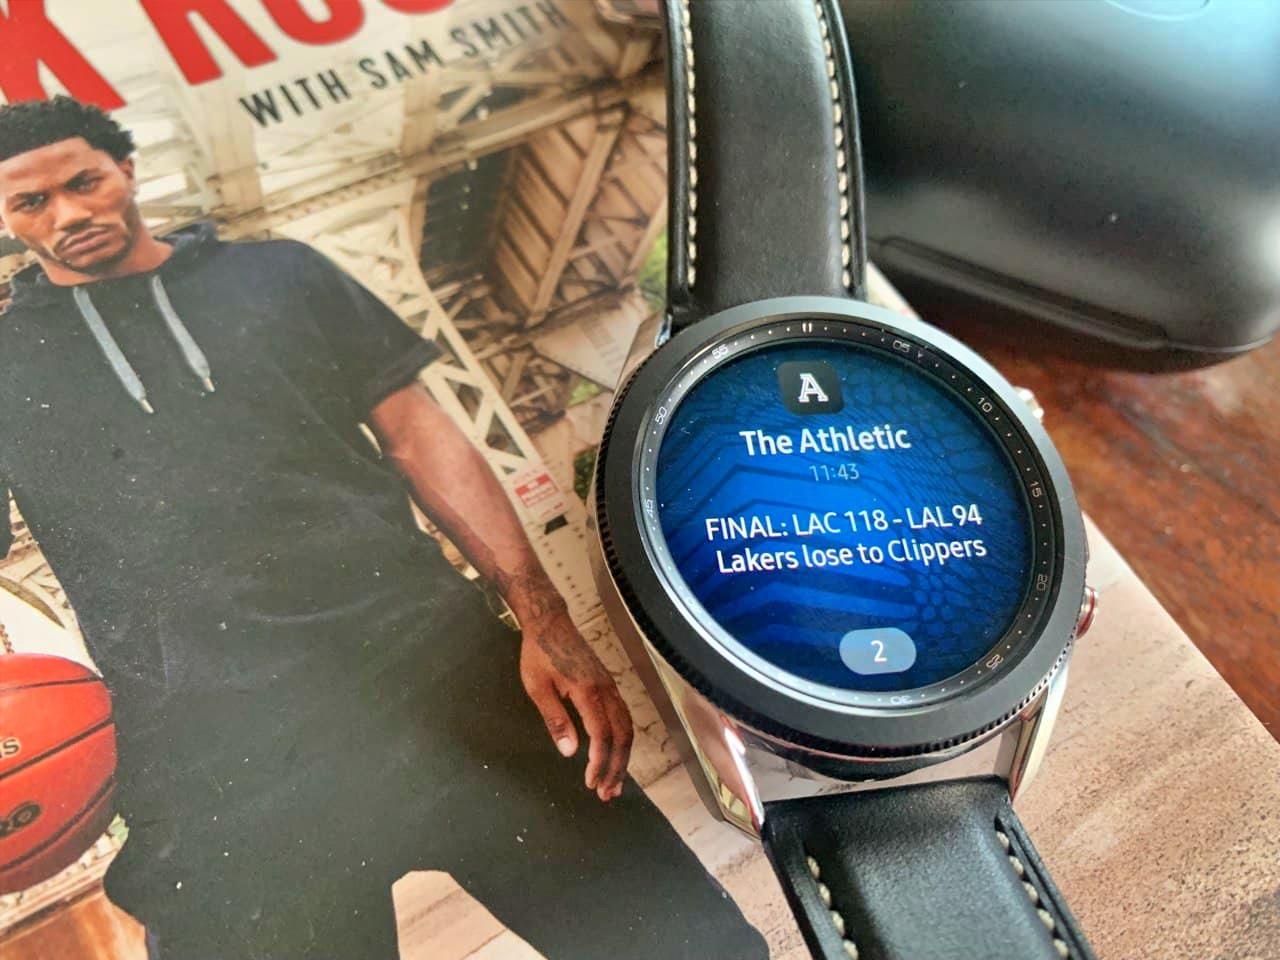 ระบบการแจ้งเตือน Galaxy Watch3 ที่เชื่อมต่อกับ iPhone ดีเลย์ไม่กี่วินาที